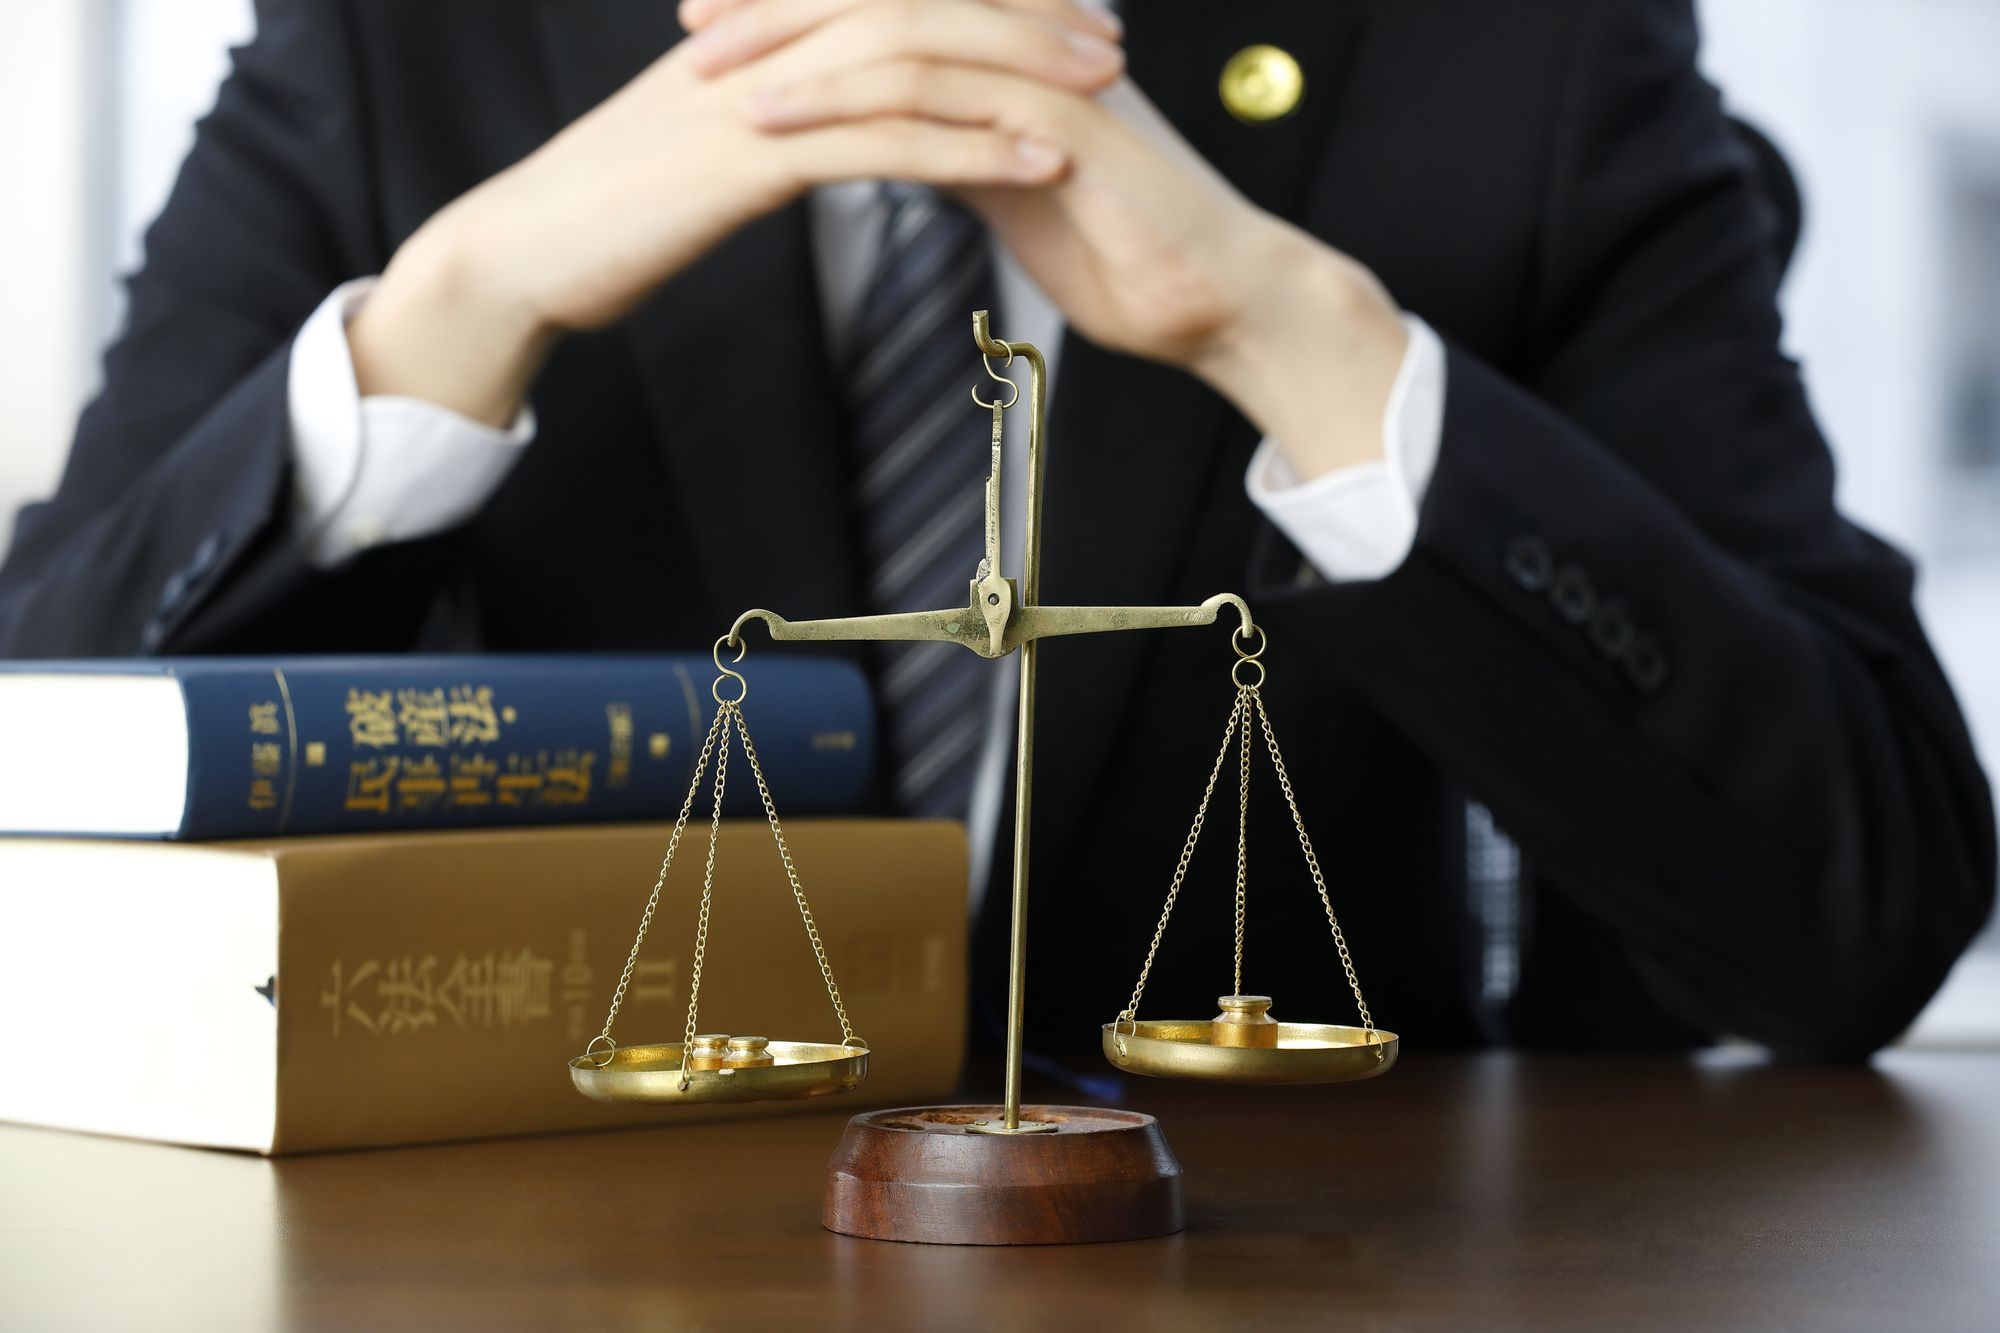 交通事故で慰謝料に困ったら弁護士に依頼するメリット